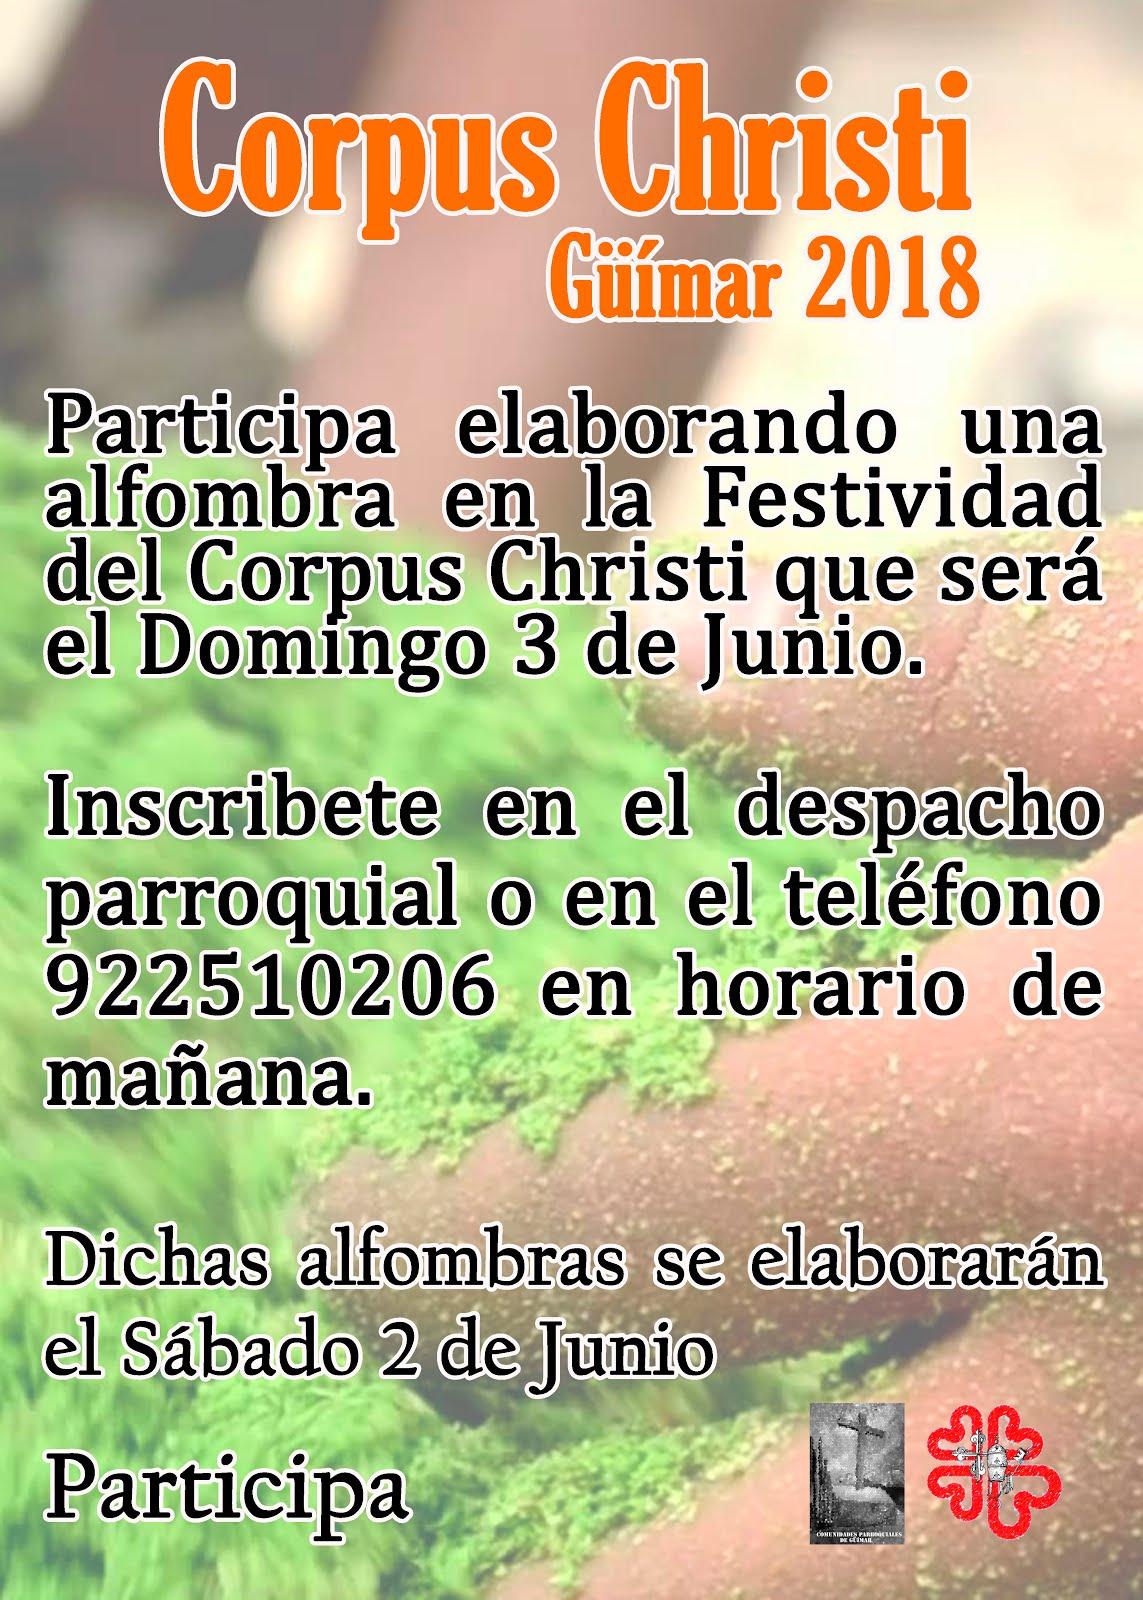 Participa en el Corpus Christi de Güímar elaborando una Alfombra